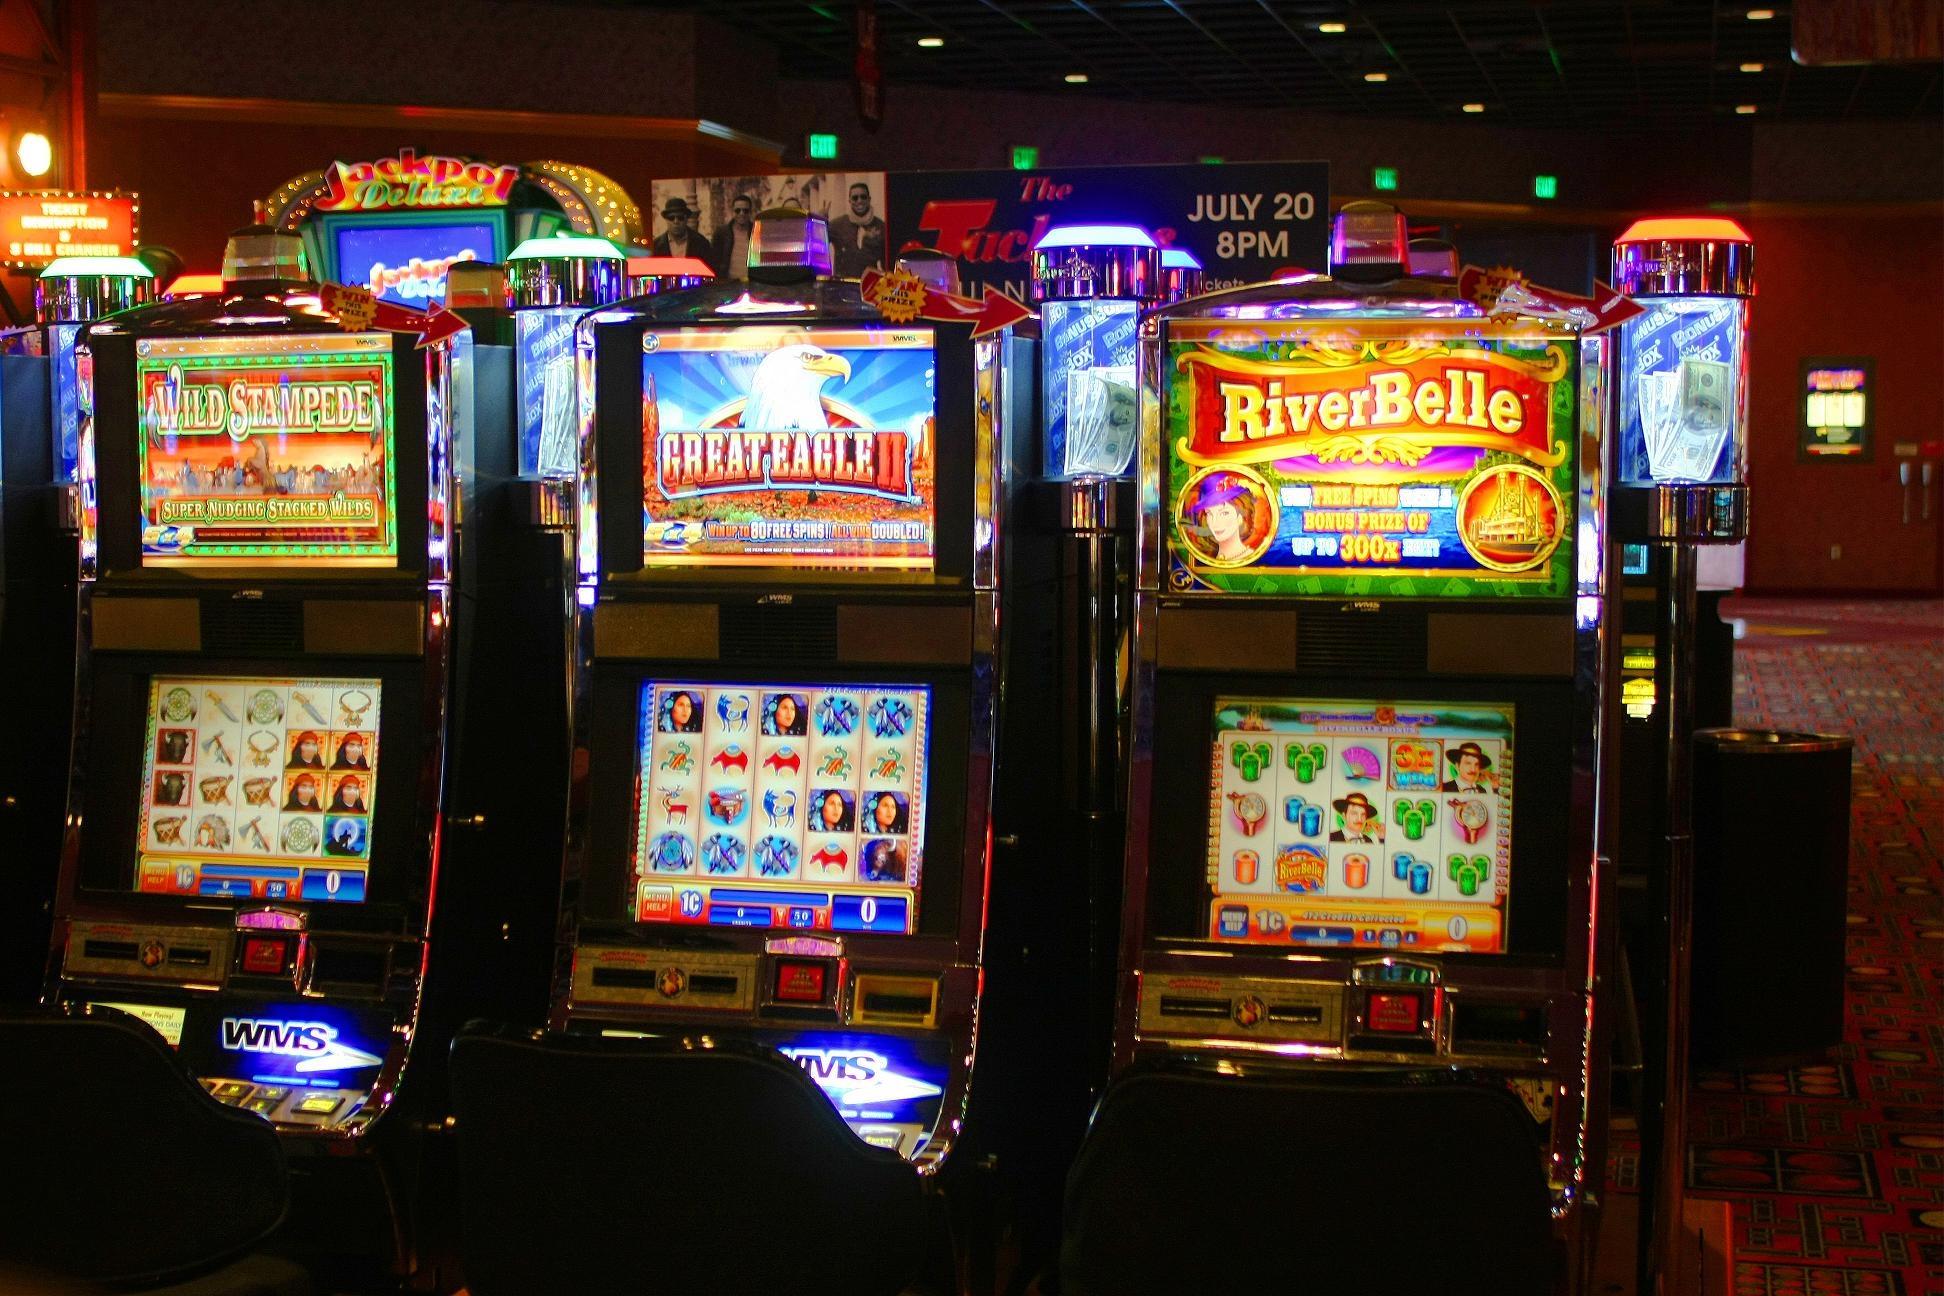 300免费旋转在Reef Club Casino没有存款